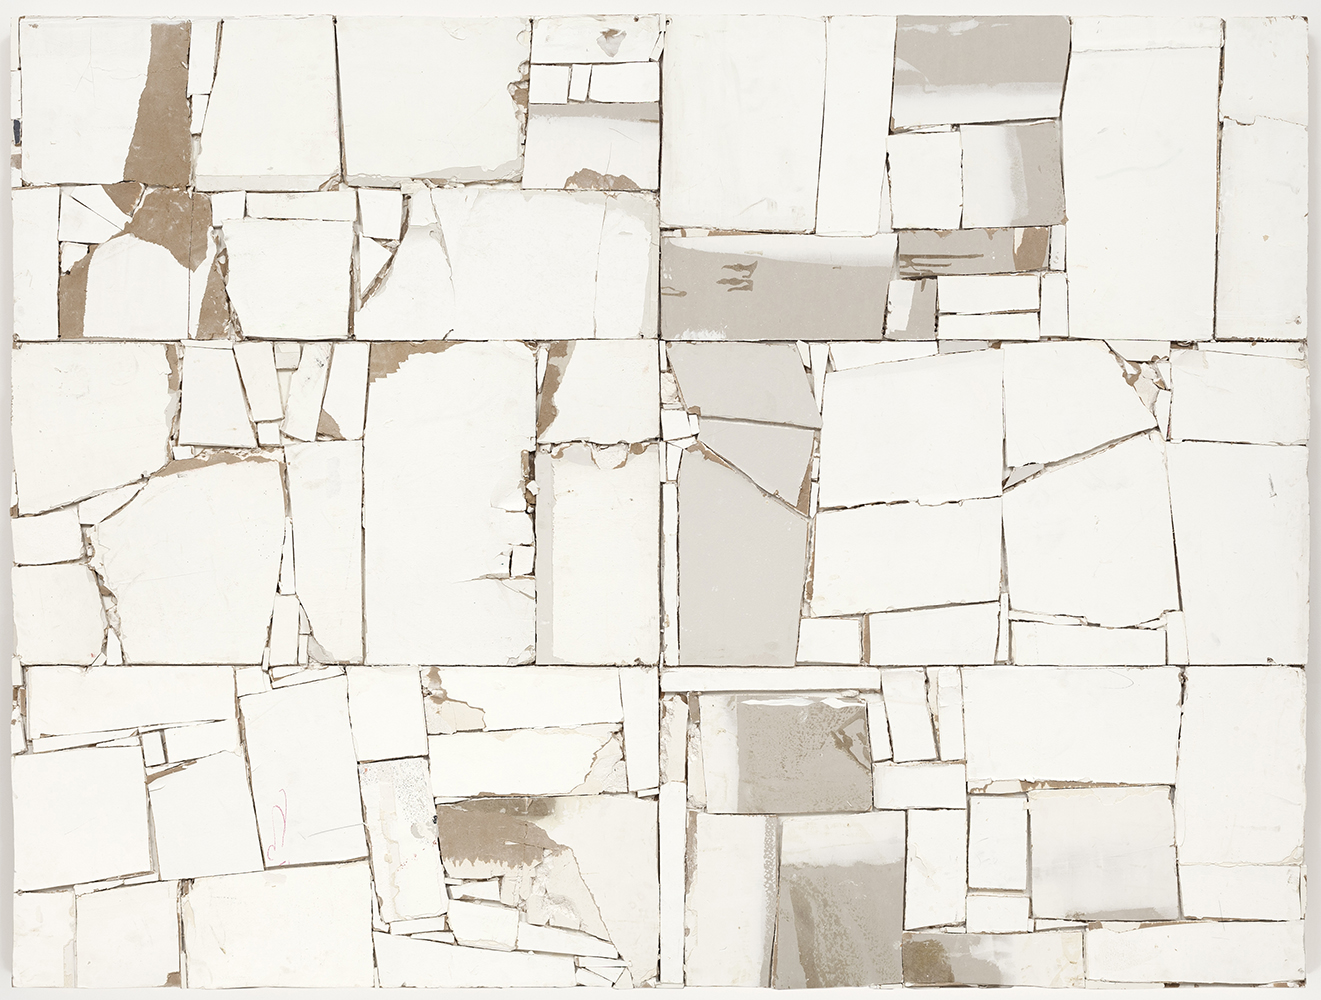 Pablo Rasgado. <em>Arquitectura Desdoblada</em>, 2011, 2012, 2015. Drywall and acrylic, 72 x 96 inches (182.9 x 243.8 cm)